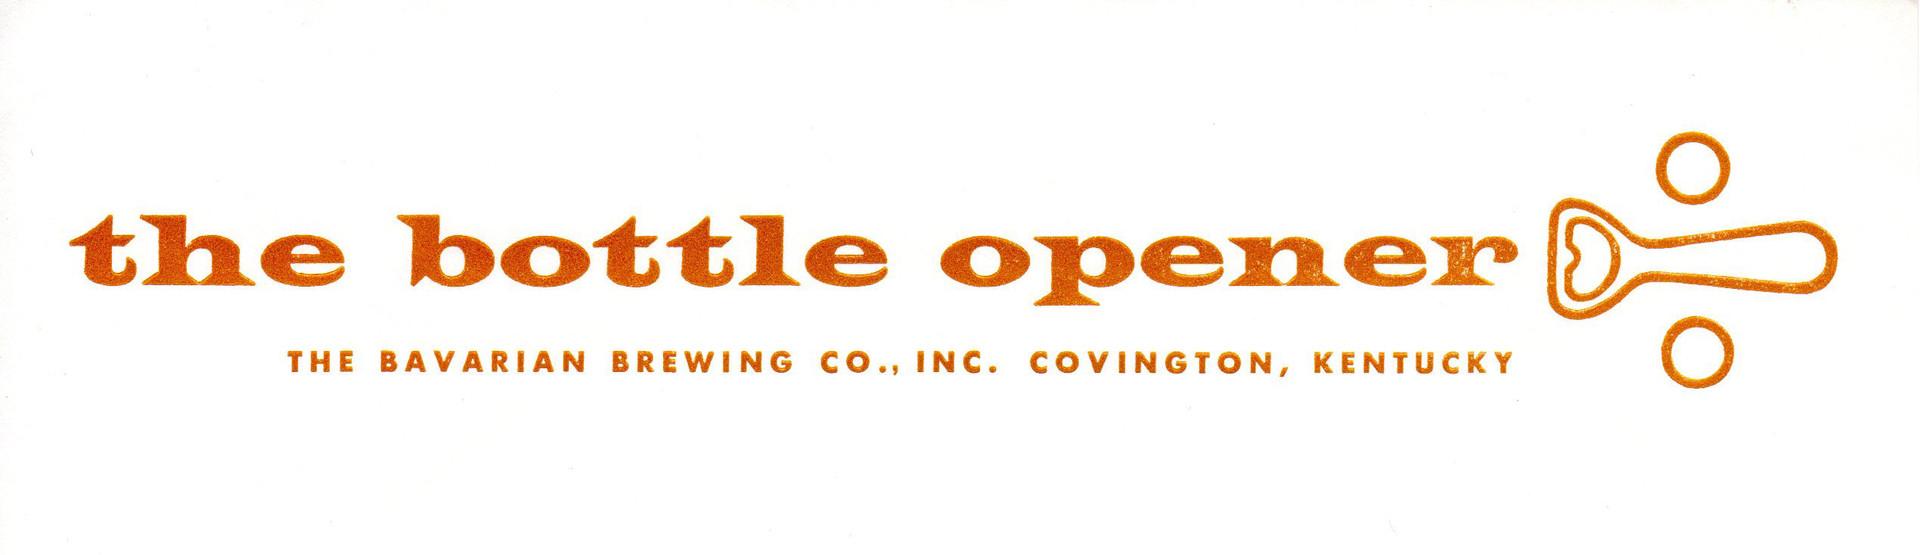 Bottle Opener Letterhead.jpg